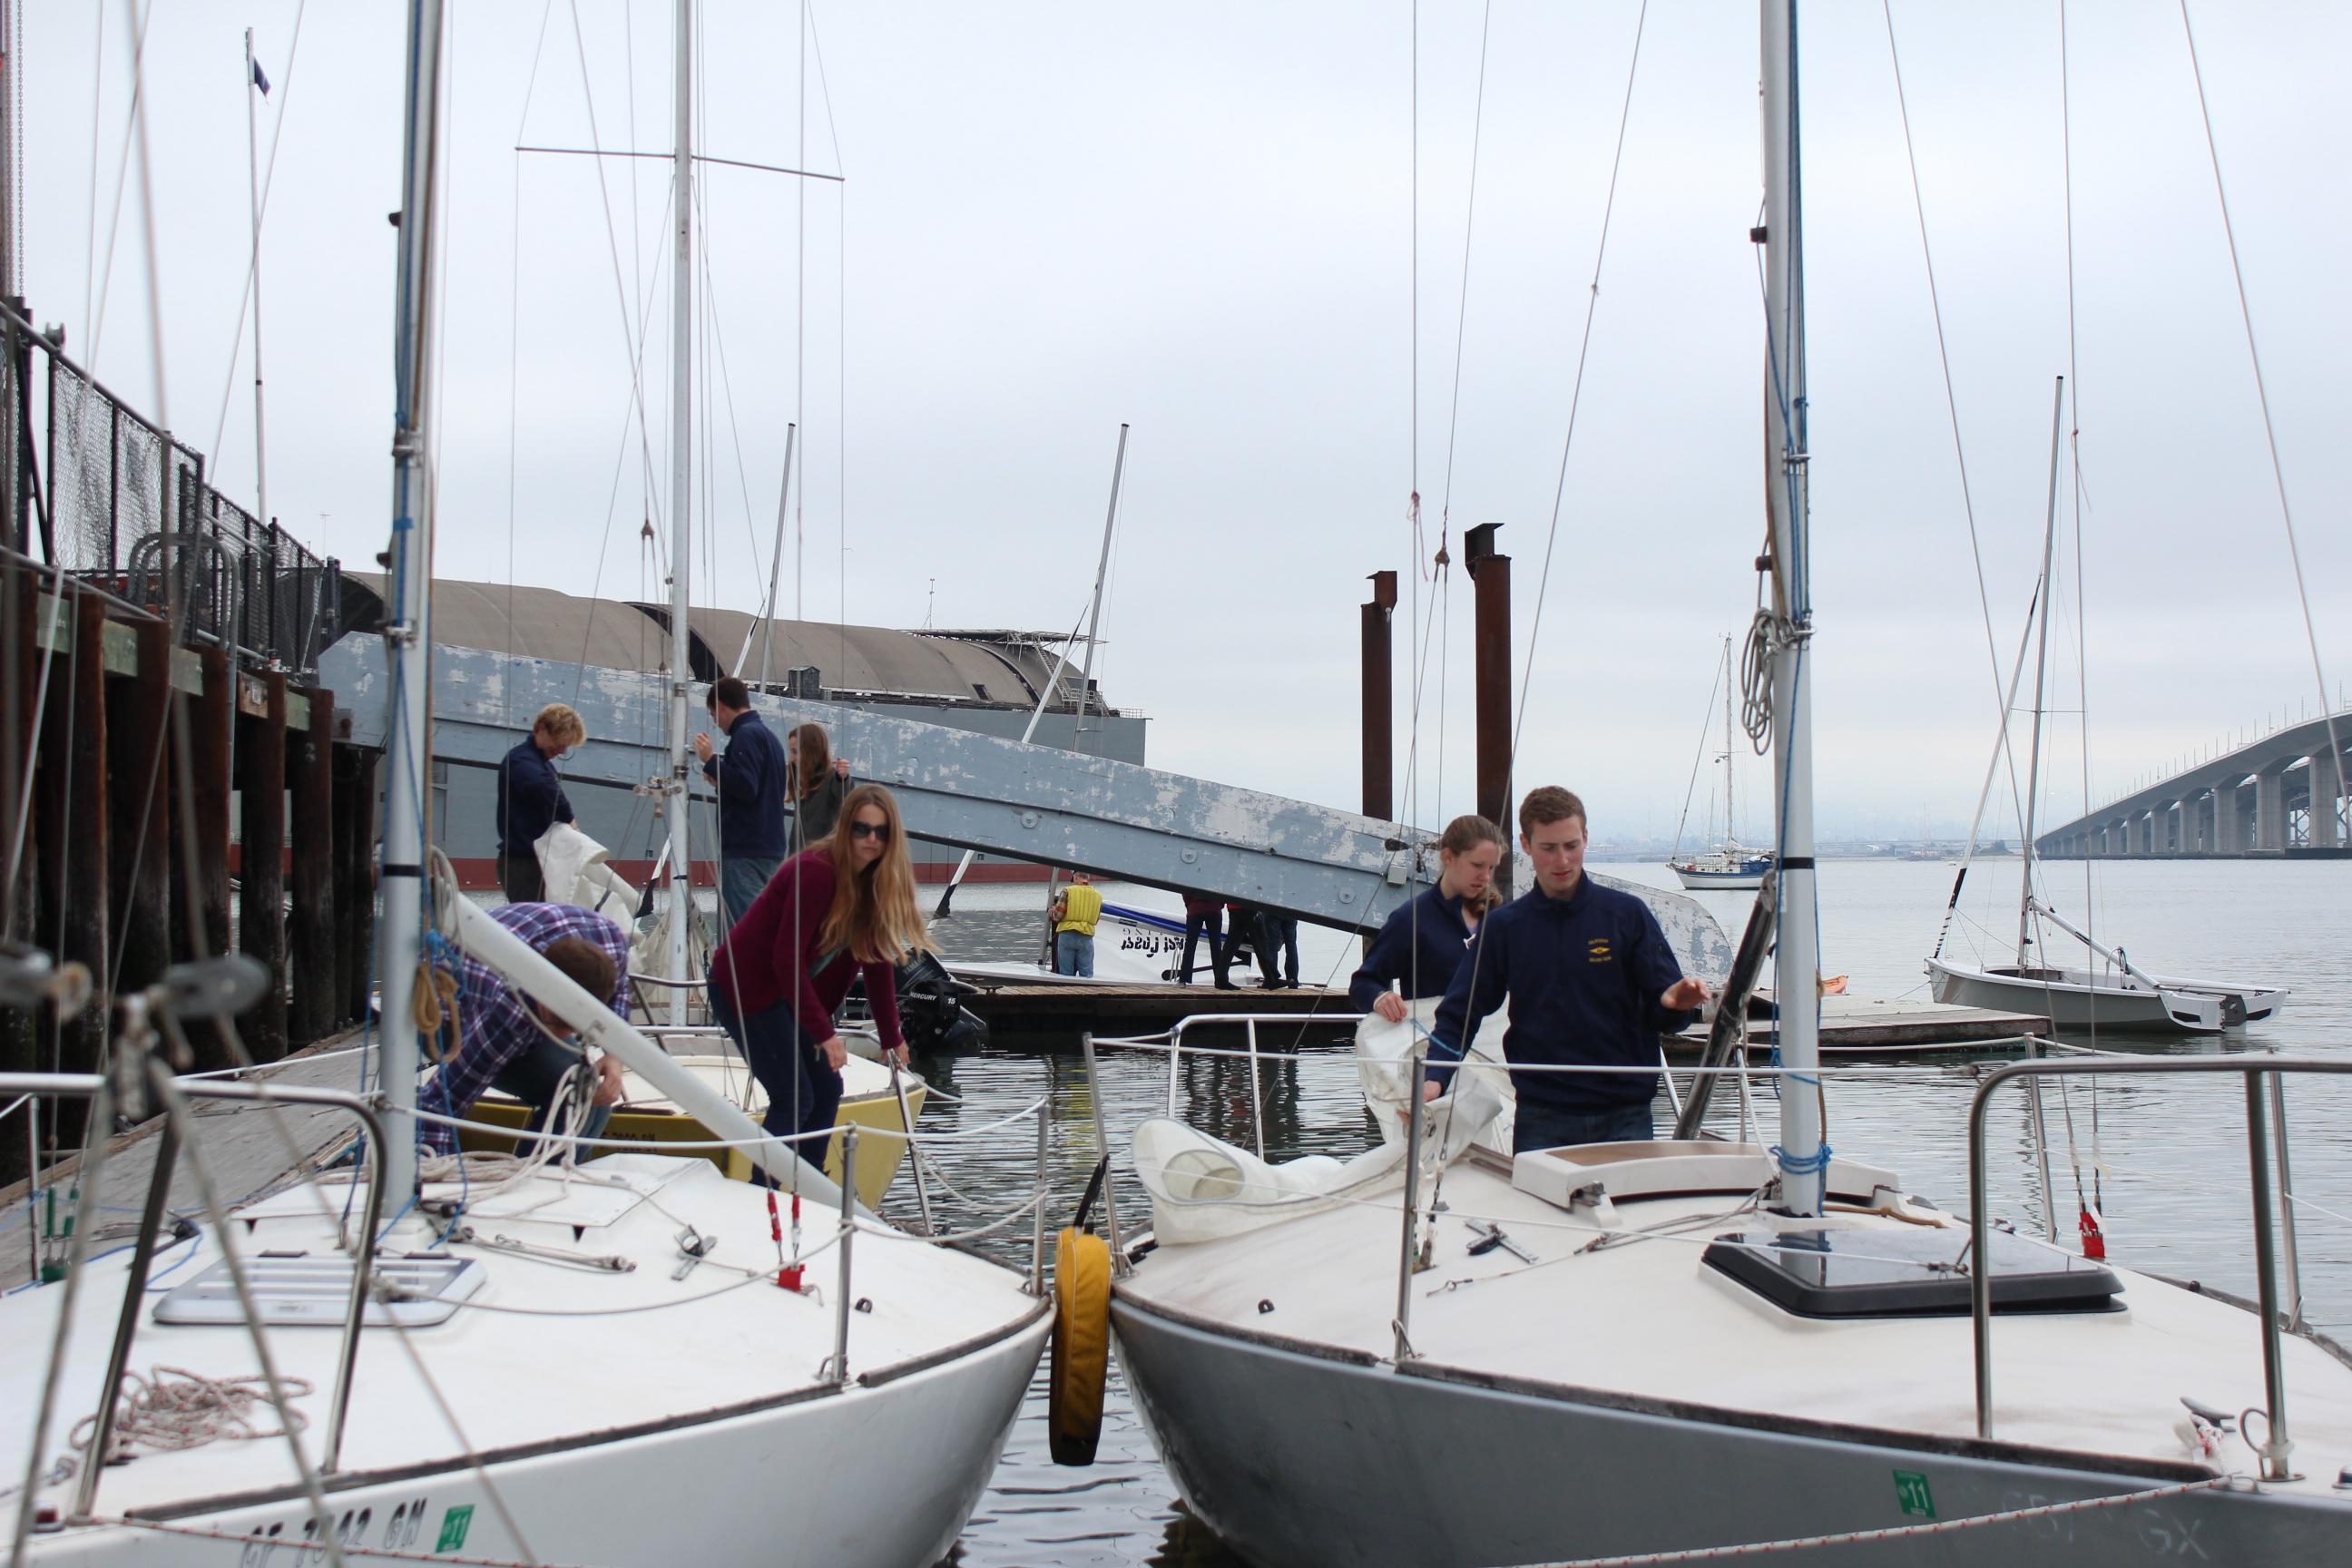 Cal Sailing Rigging J24s